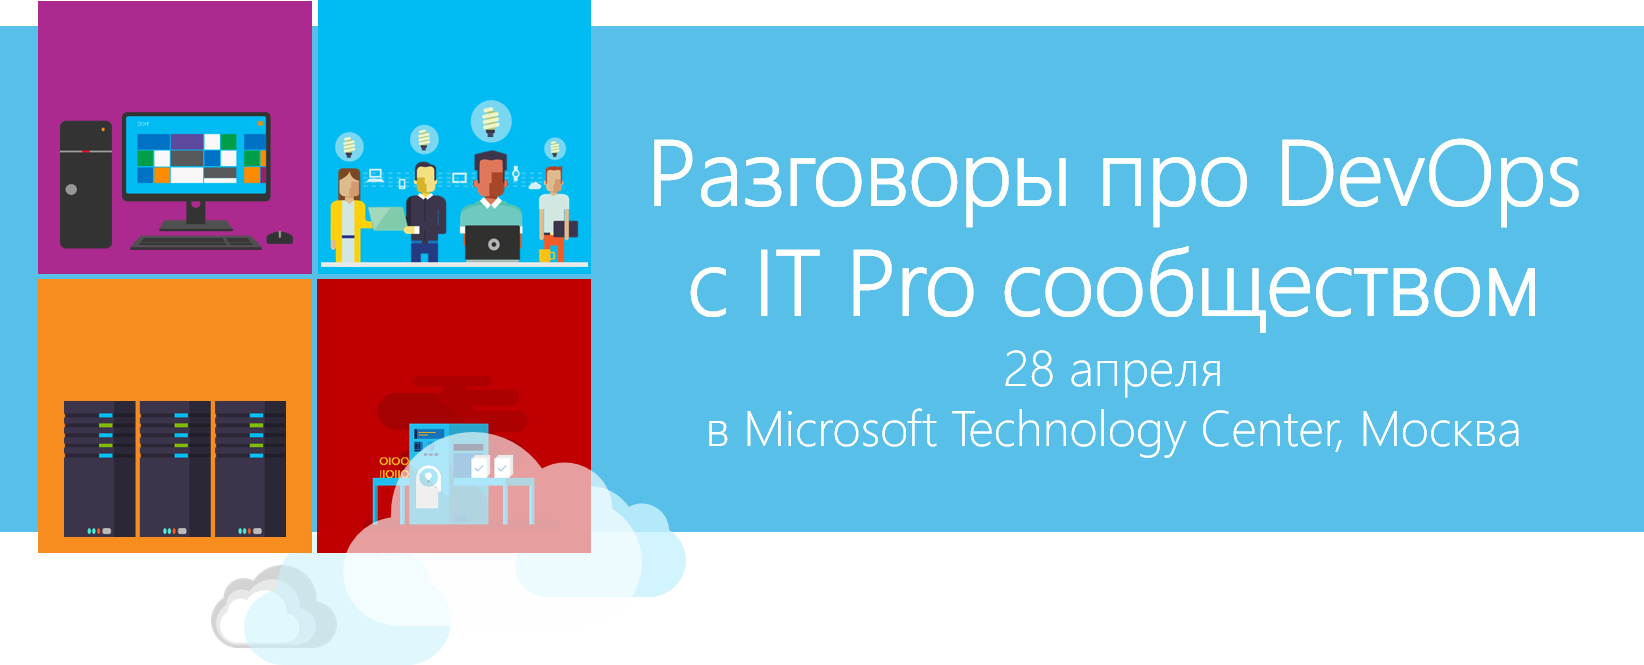 Открытая встреча экспертов по DevOps 28 апреля в технологическом центре Microsoft - 1